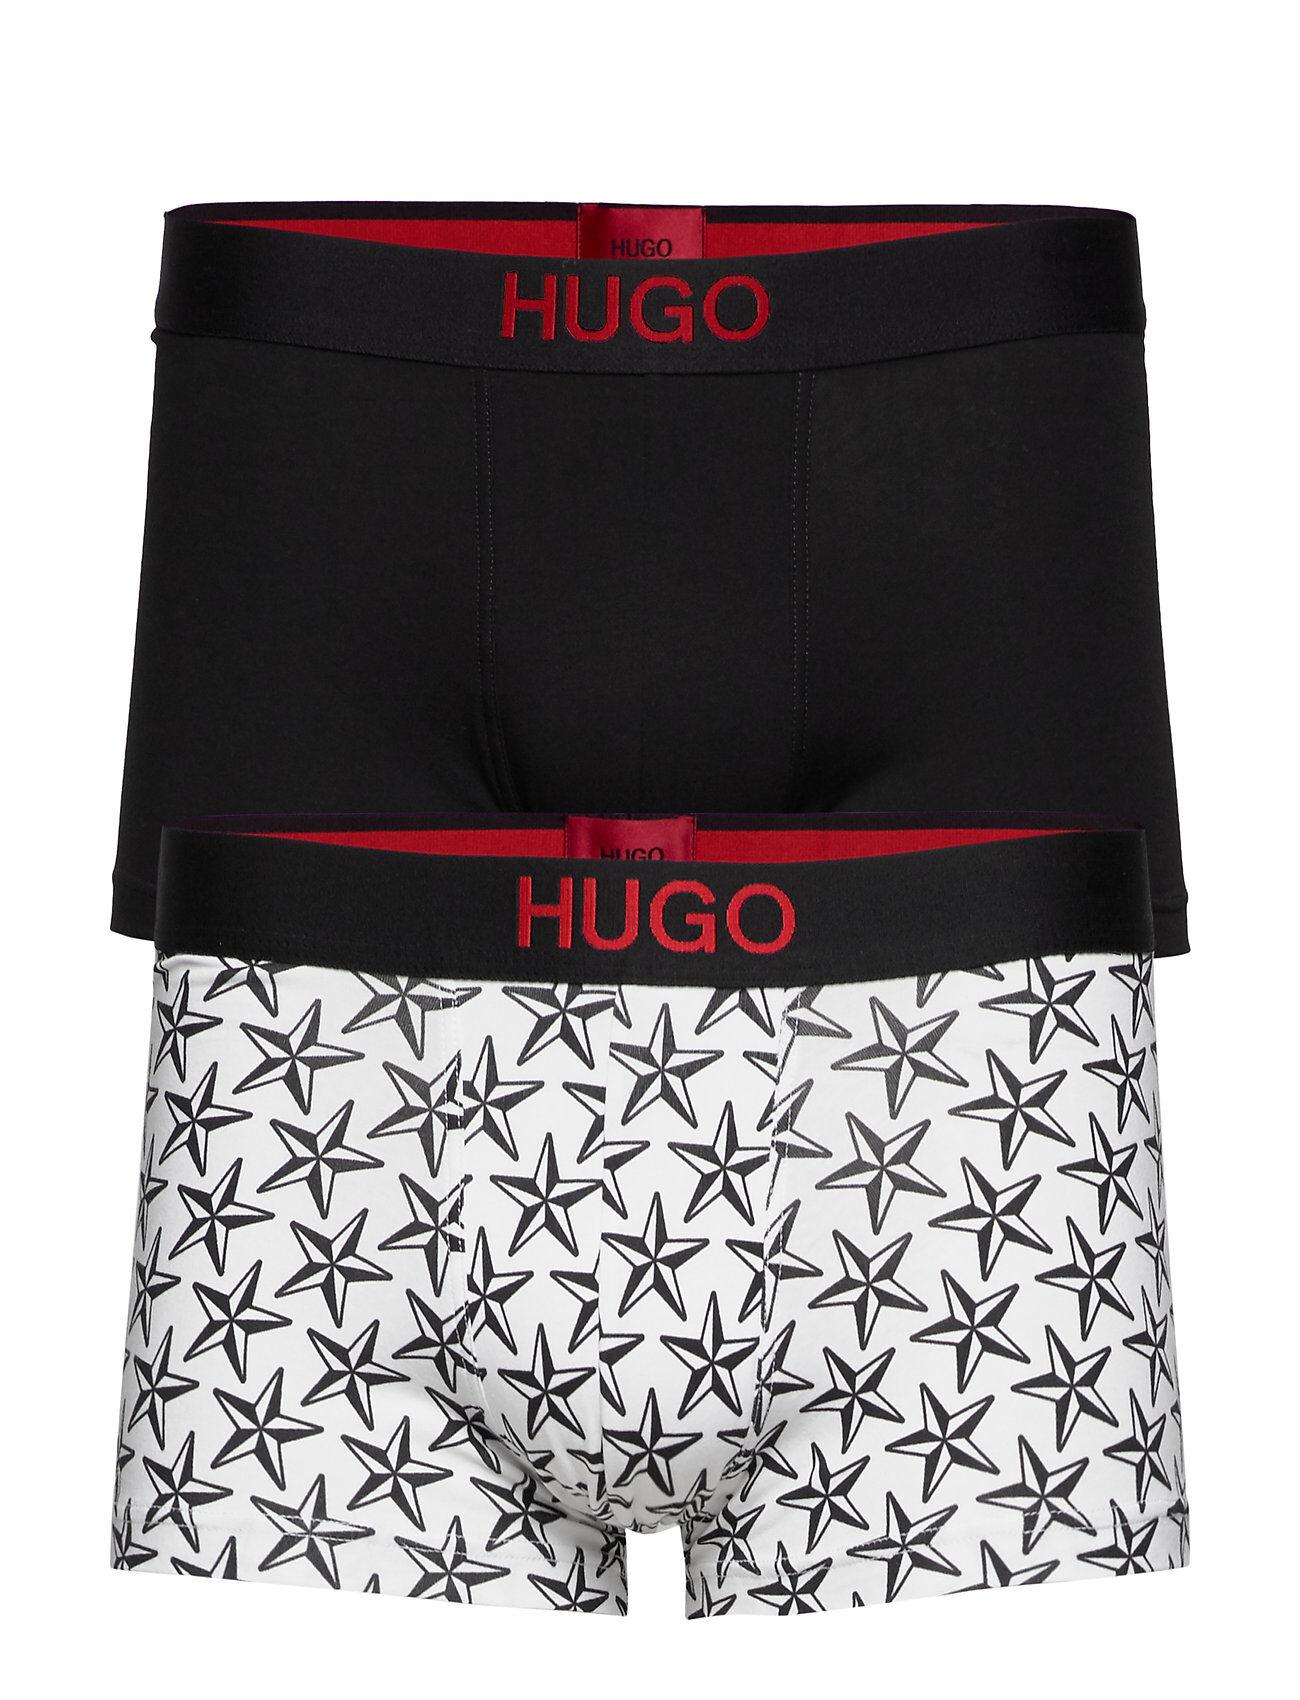 HUGO Trunk Brother Pack Boksershorts Multi/mønstret HUGO